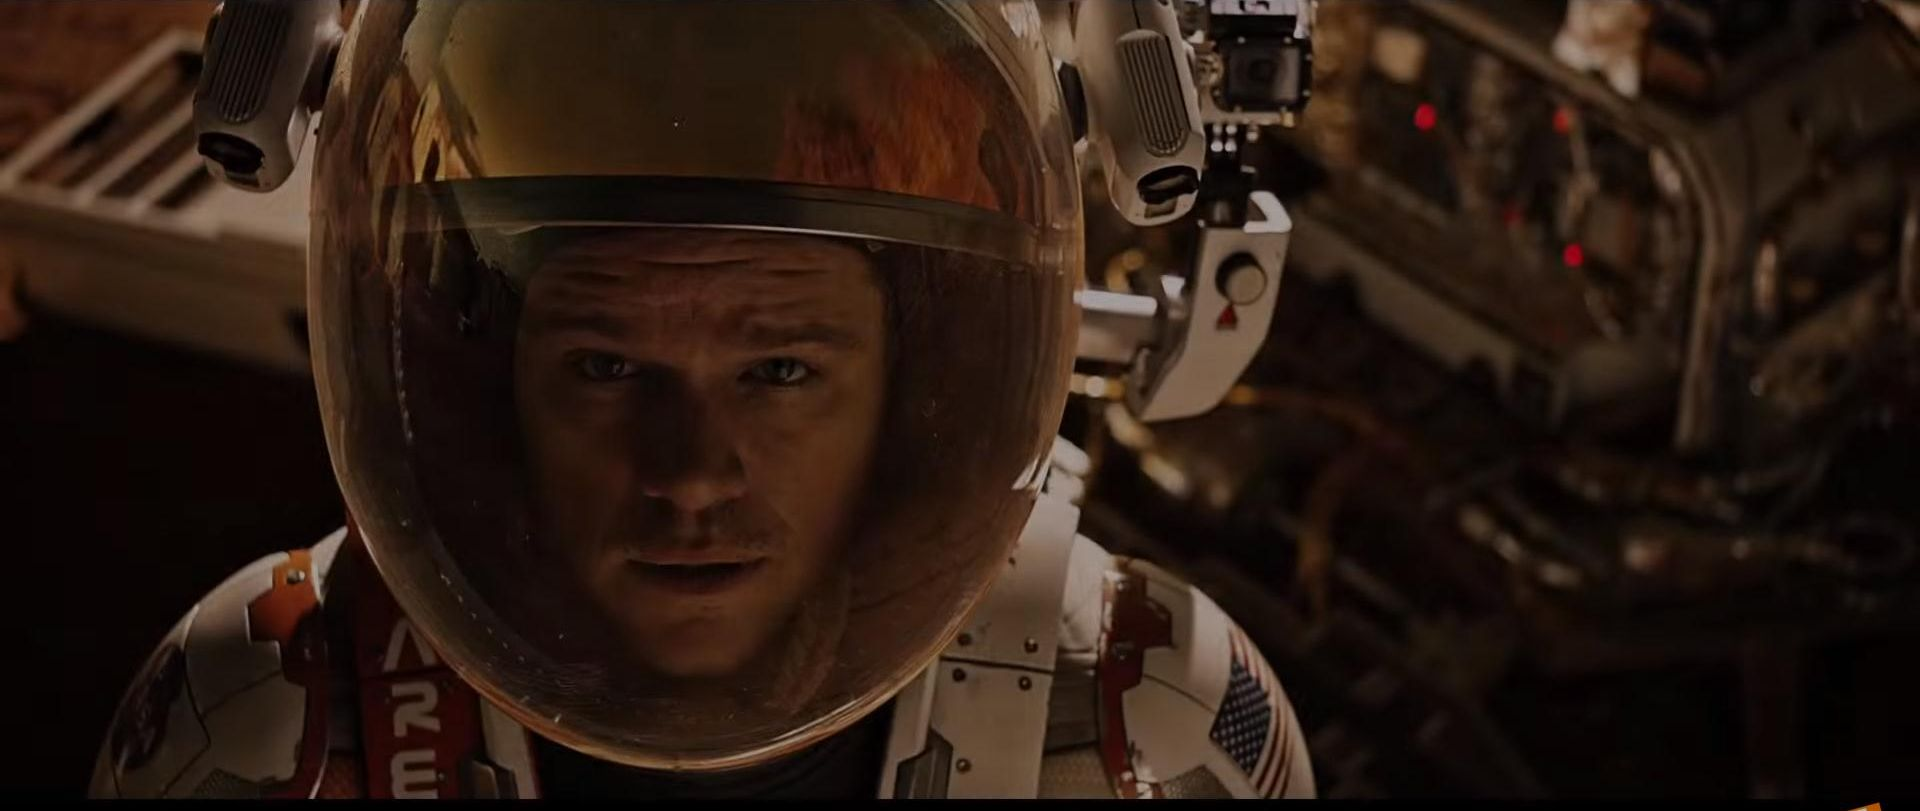 'TROŠKOVNIK' Koliko bi koštalo spašavanje likova Matta Damona da su stvarni?